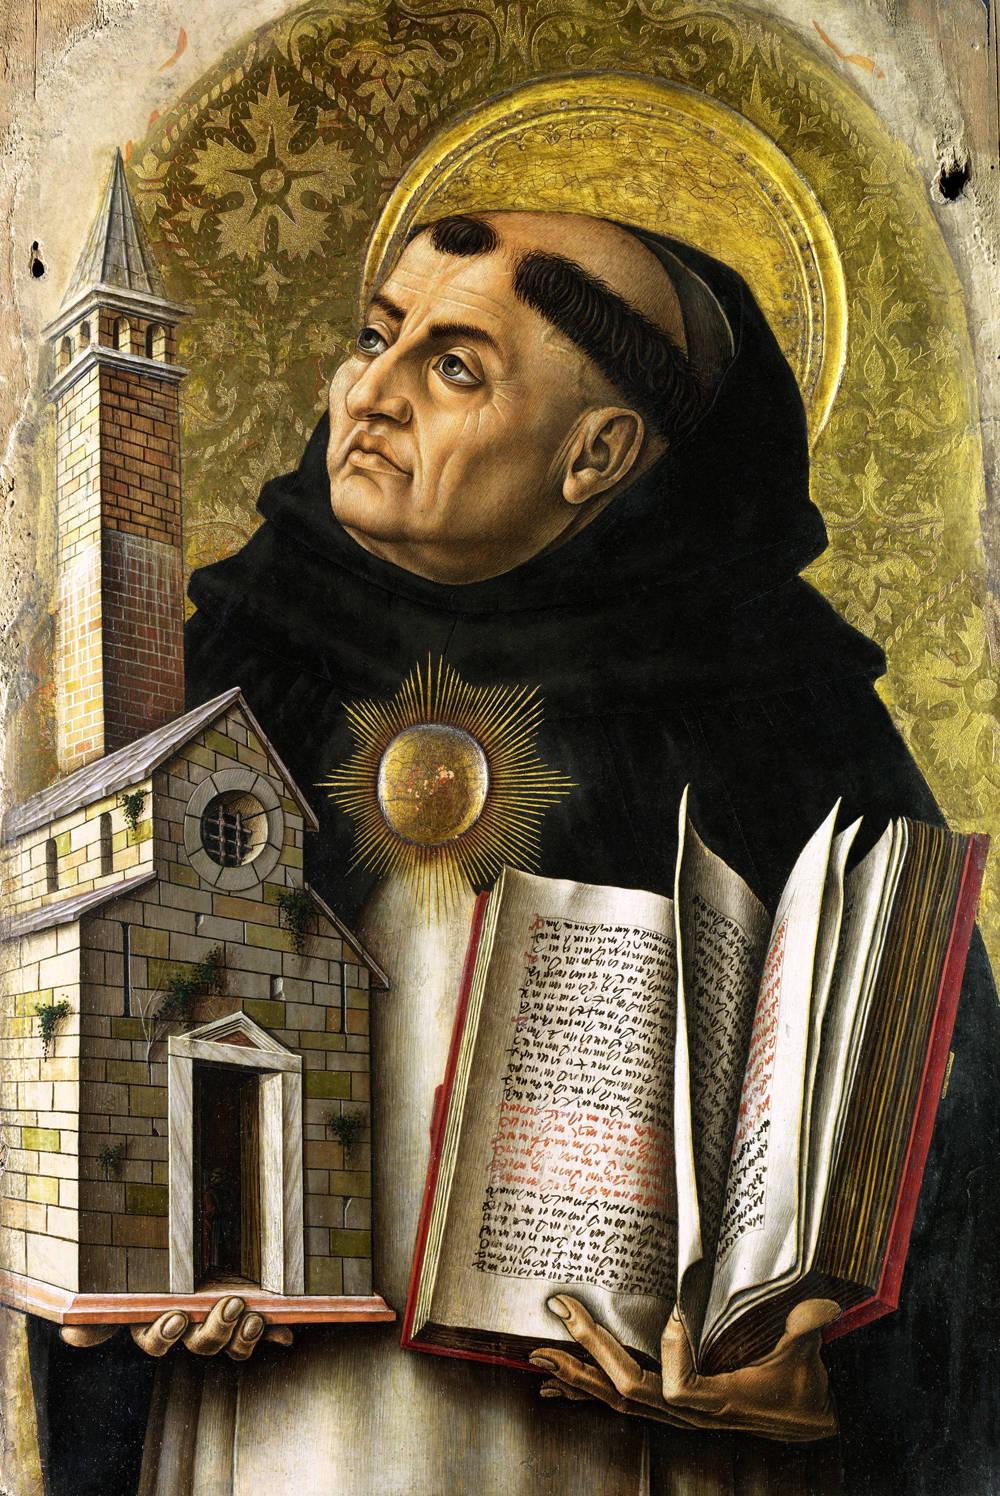 Santo Tomás de Aquino, Doctor de la Iglesia, ruega por nosotros